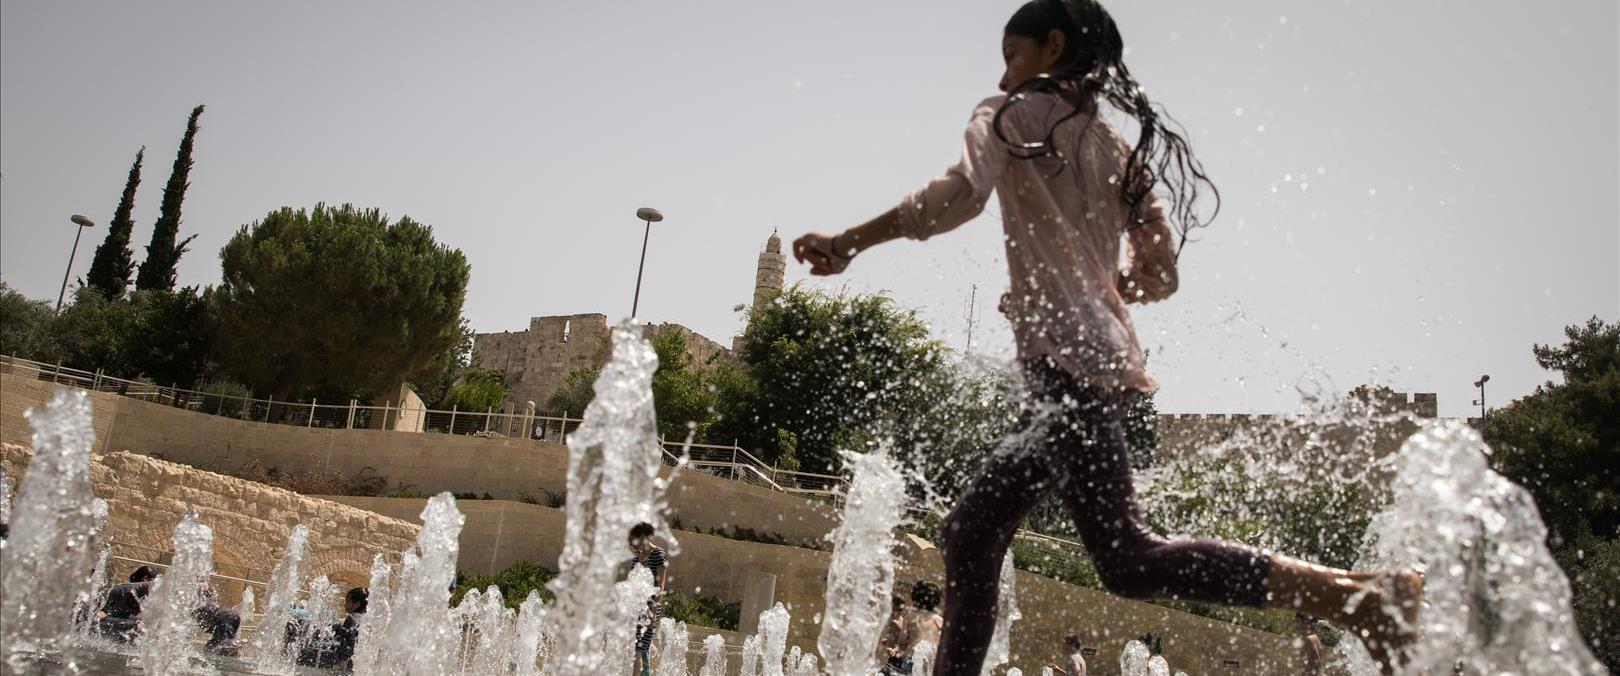 ילדה רצה במזרקה בשרב בירושלים, 2019